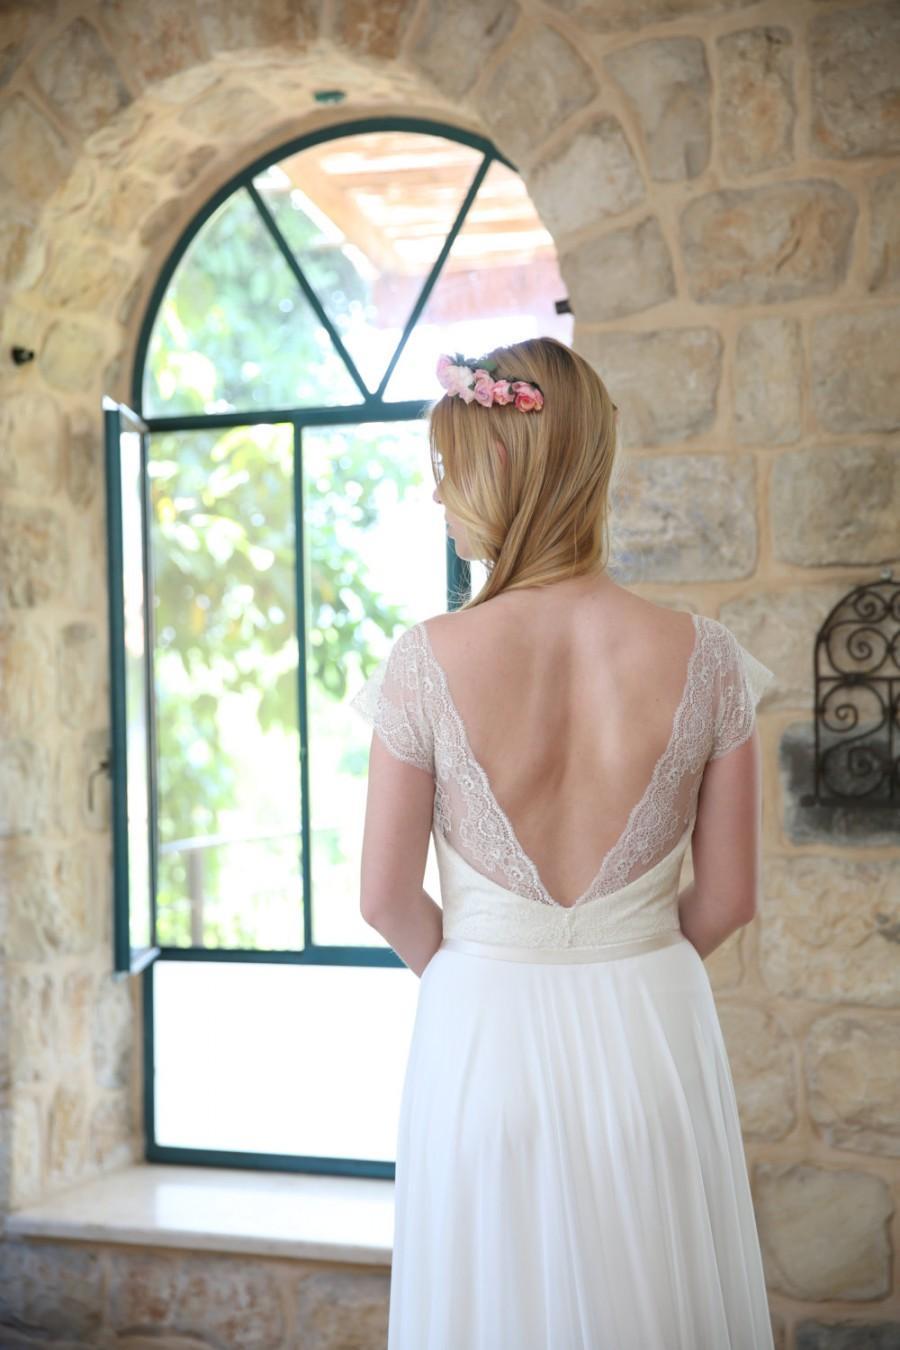 Mariage - Valery ON SALE - Boho wedding dress, lace wedding dress, beach wedding dress, wedding dress with sleeves